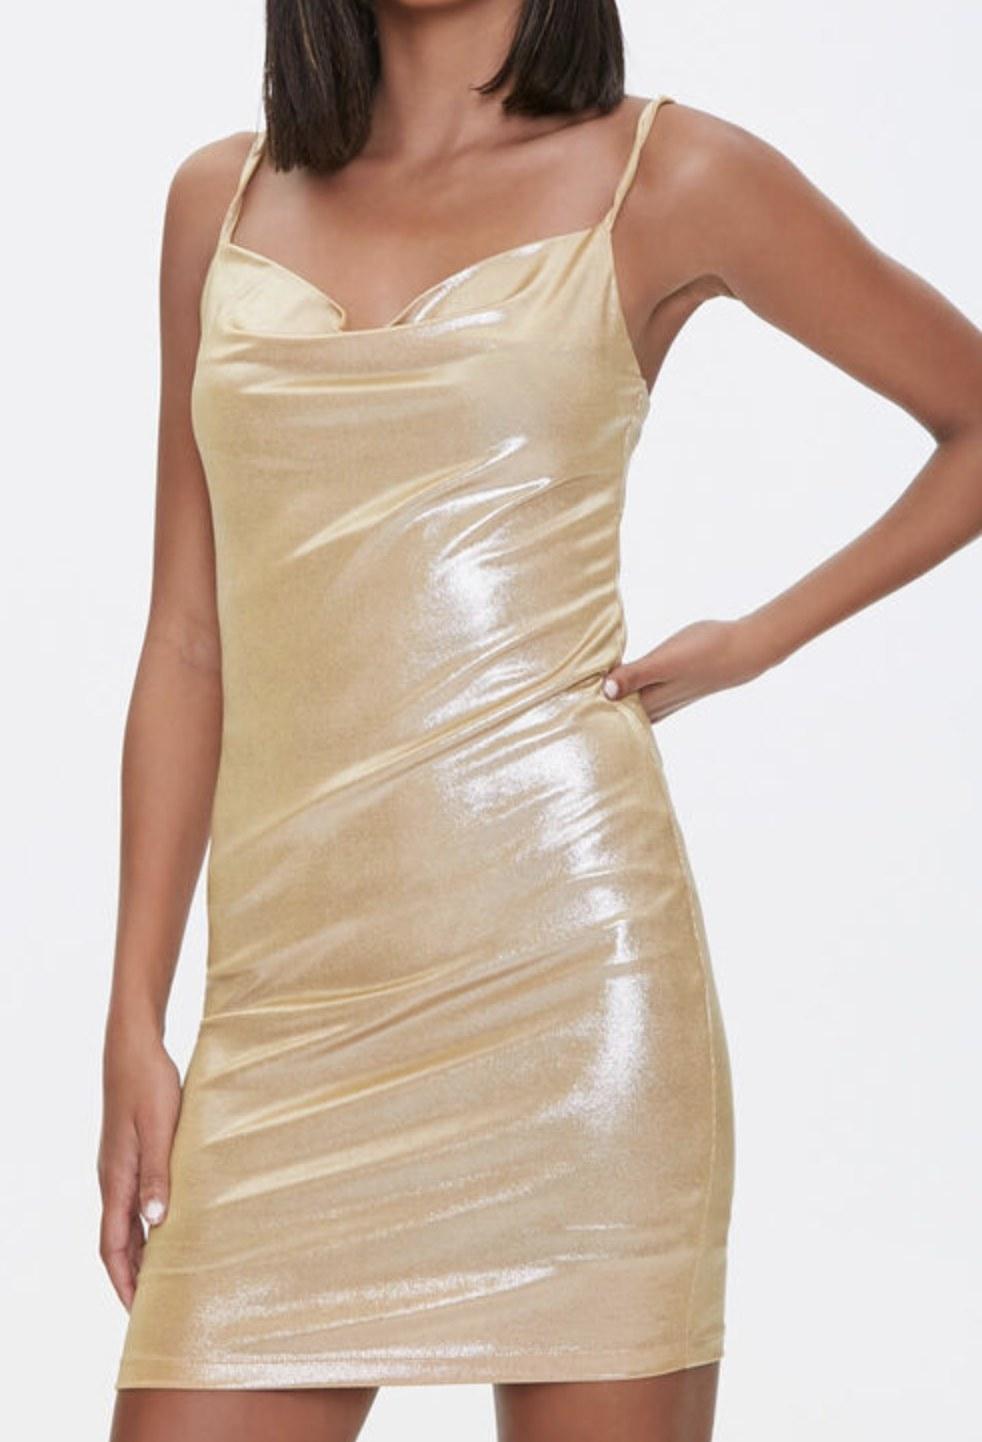 Model is wearing a gold mini dress